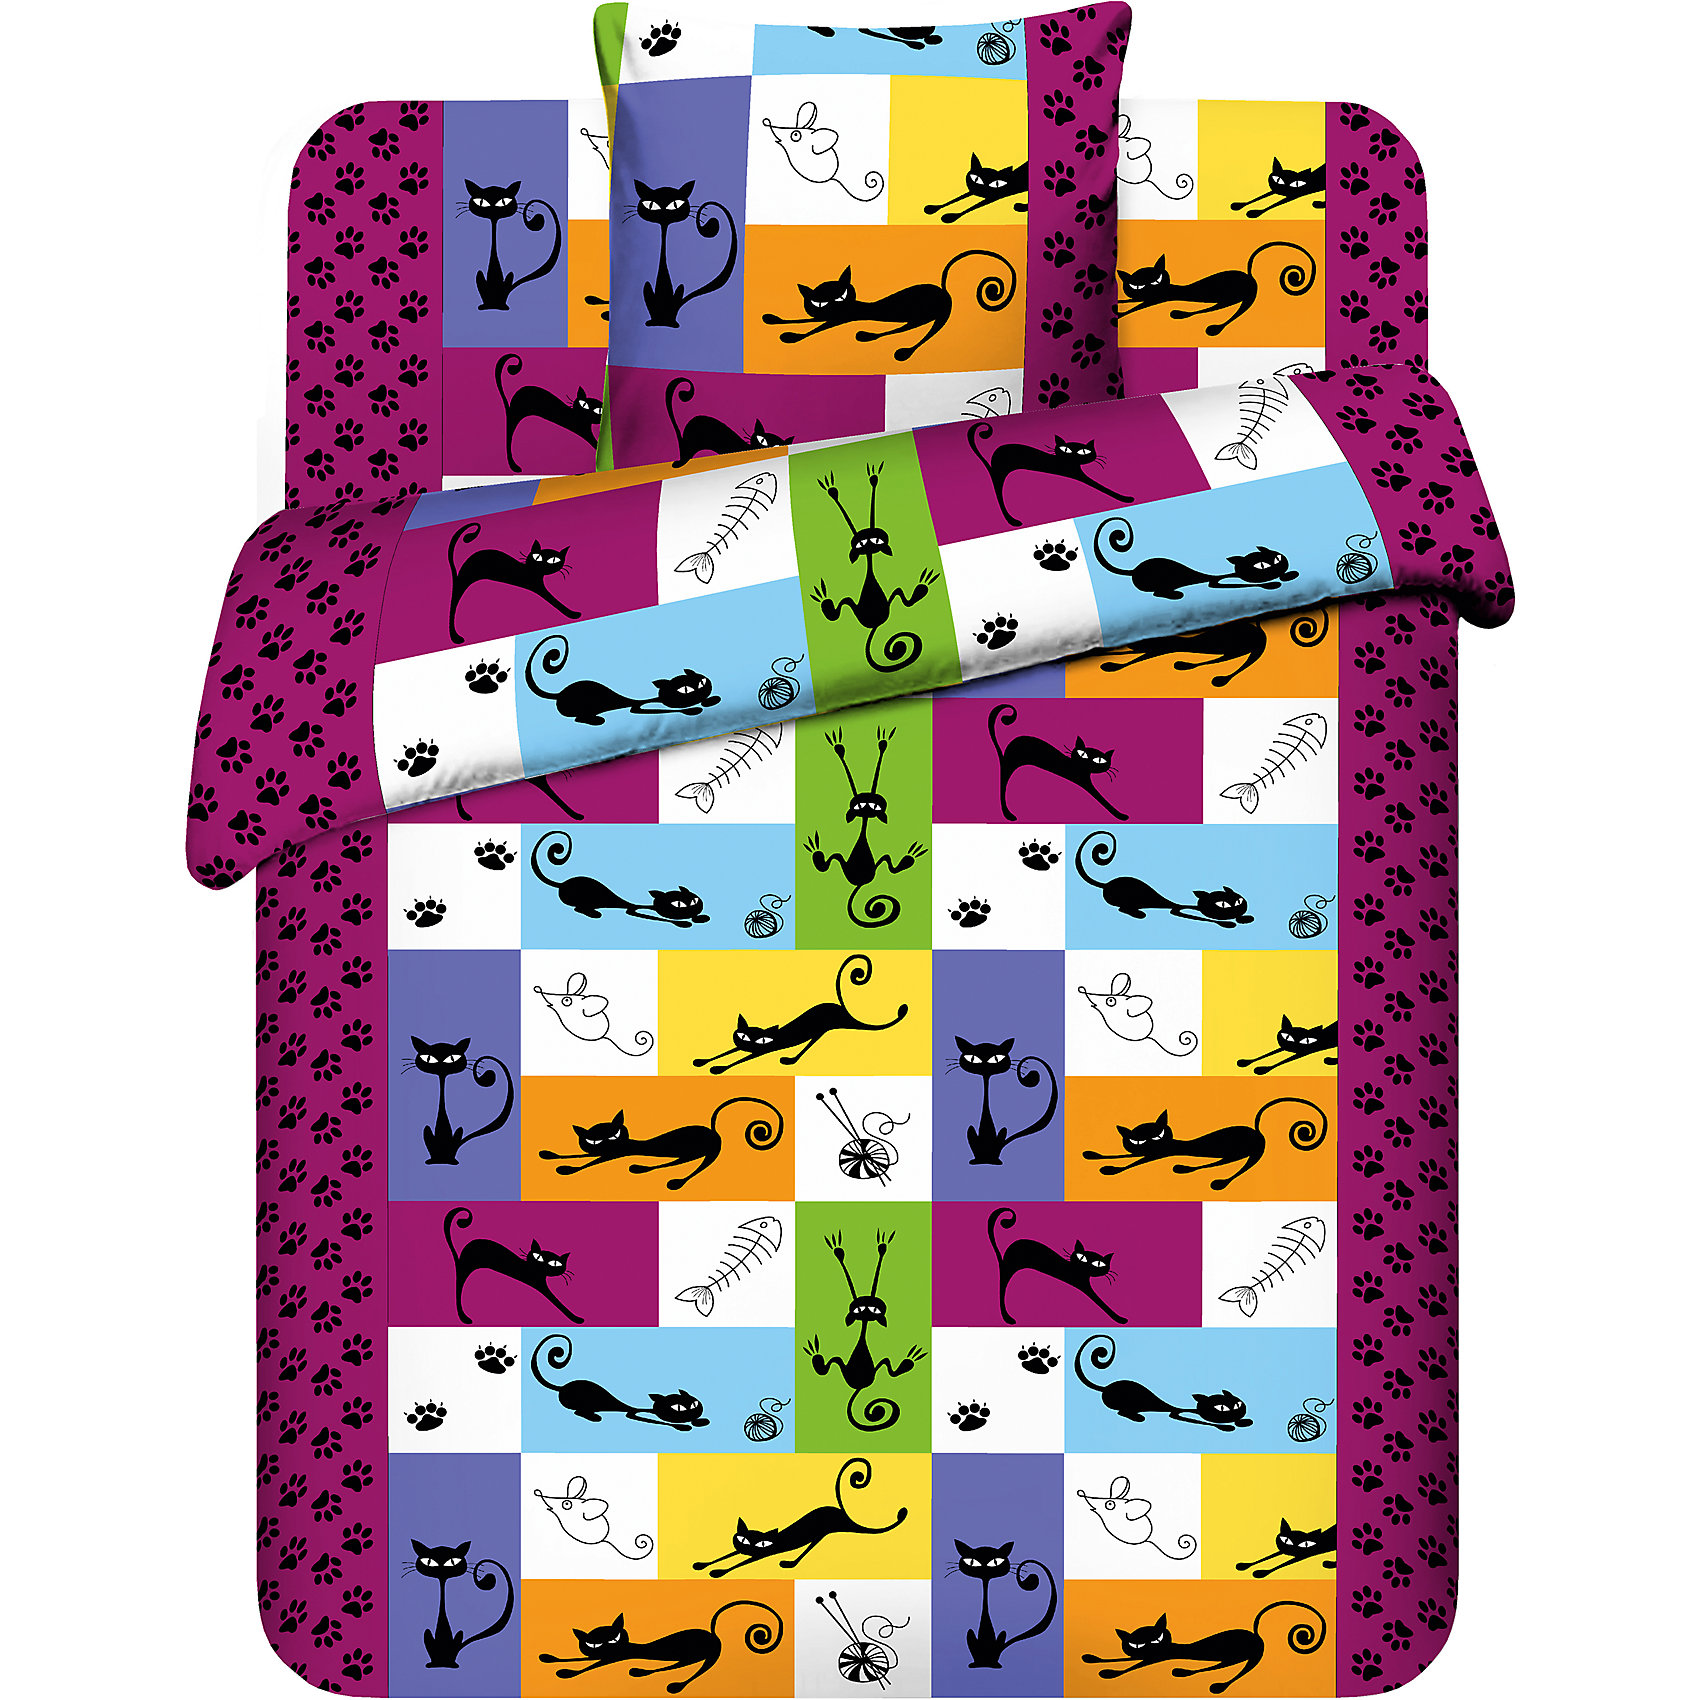 Постельное белье 1,5сп Котомания бязь (70х70), ВасилекПостельное белье 1,5-сп., бязь (70х70), Василек.   <br><br>Характеристика:<br><br>• Материал: 100% хлопок (бязь). <br>• Комплектация: простыня (1 шт.), пододеяльник (1 шт.), наволочка (1 шт.). <br>• Размер: простыня - 150х214 см.; пододеяльник - 145х215 см., наволочка - 70х70 см.<br>• Яркая привлекательная расцветка. <br>• Не линяет, не выцветает. <br><br>Постельное бельё с яркими рисунками придется по вкусу любому ребенку. Комплекты от торговой марки Василек отличаются оригинальным стильным дизайном и высоким качеством. Белье изготовлено из натурального хлопка с применением только экологичных нетоксичных красителей; очень мягкое и приятное к на ощупь, не линяет во время стирки, долго сохраняет цвет и свойства.<br><br>Постельное белье 1,5-сп., бязь (70х70), Василек, можно купить в нашем интернет-магазине.<br><br>Ширина мм: 280<br>Глубина мм: 60<br>Высота мм: 280<br>Вес г: 1390<br>Возраст от месяцев: 84<br>Возраст до месяцев: 216<br>Пол: Унисекс<br>Возраст: Детский<br>SKU: 5115696